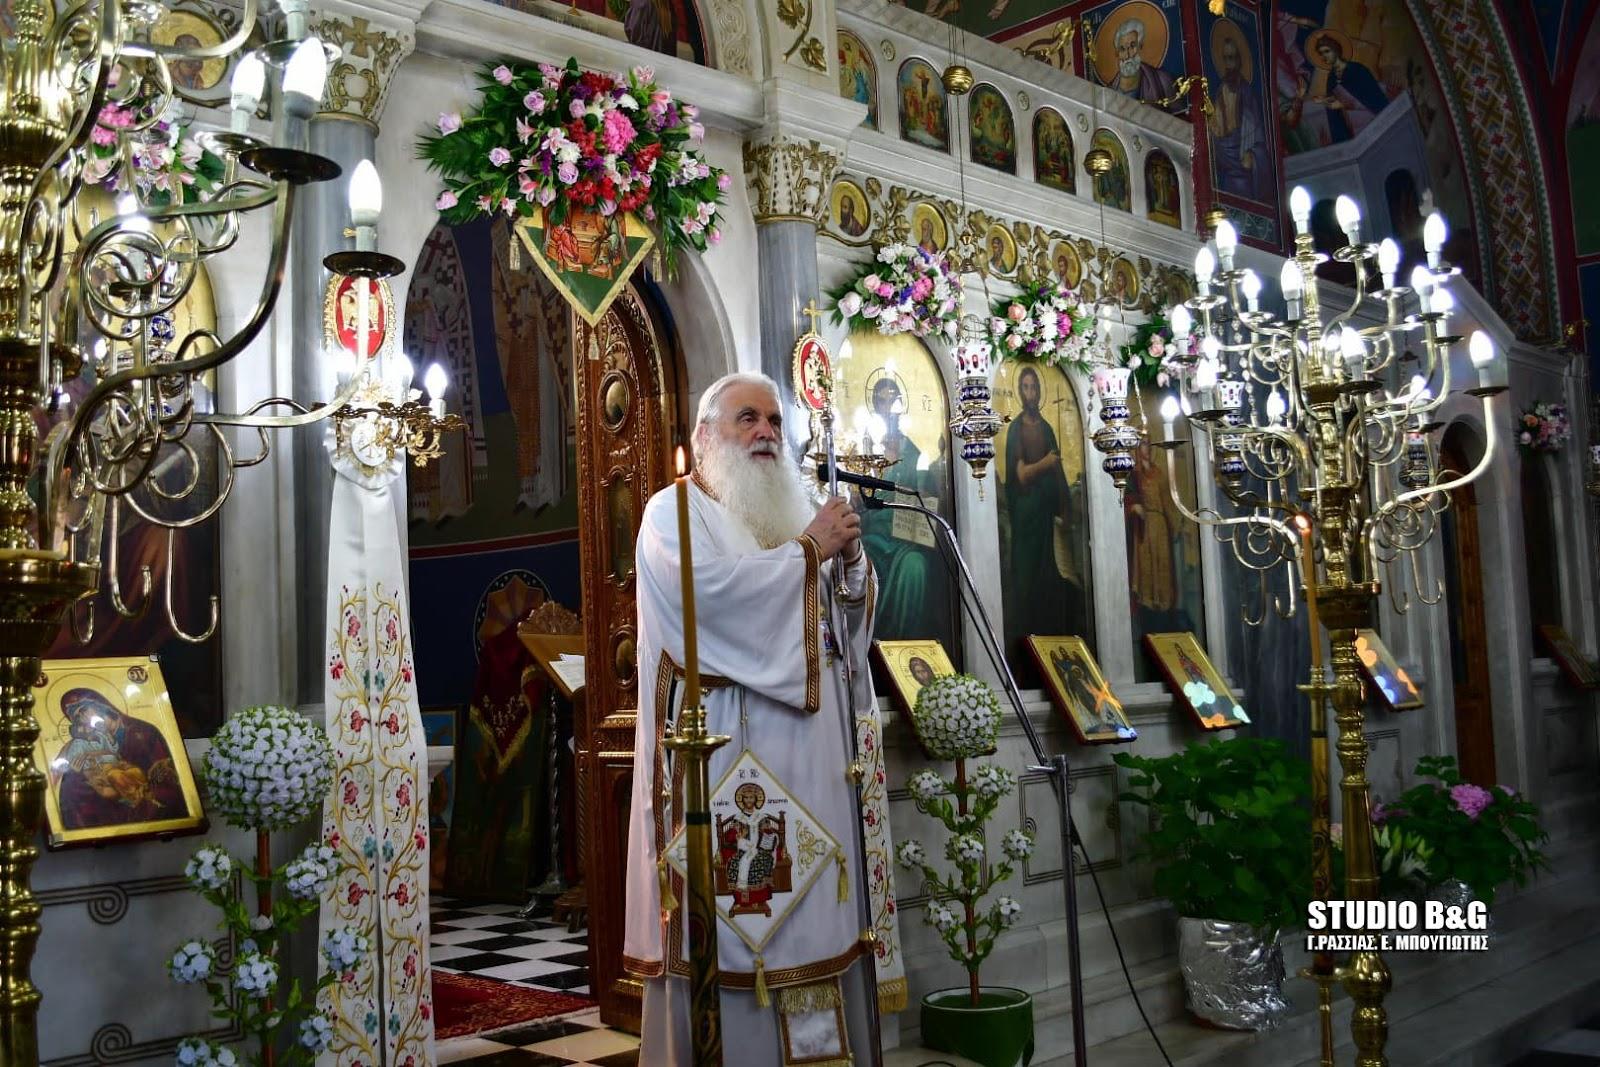 Αρχιερατική Θεία Λειτουργία στην Αγία Τριάδα Αγίας Τριάδος (Μέρμπακα)